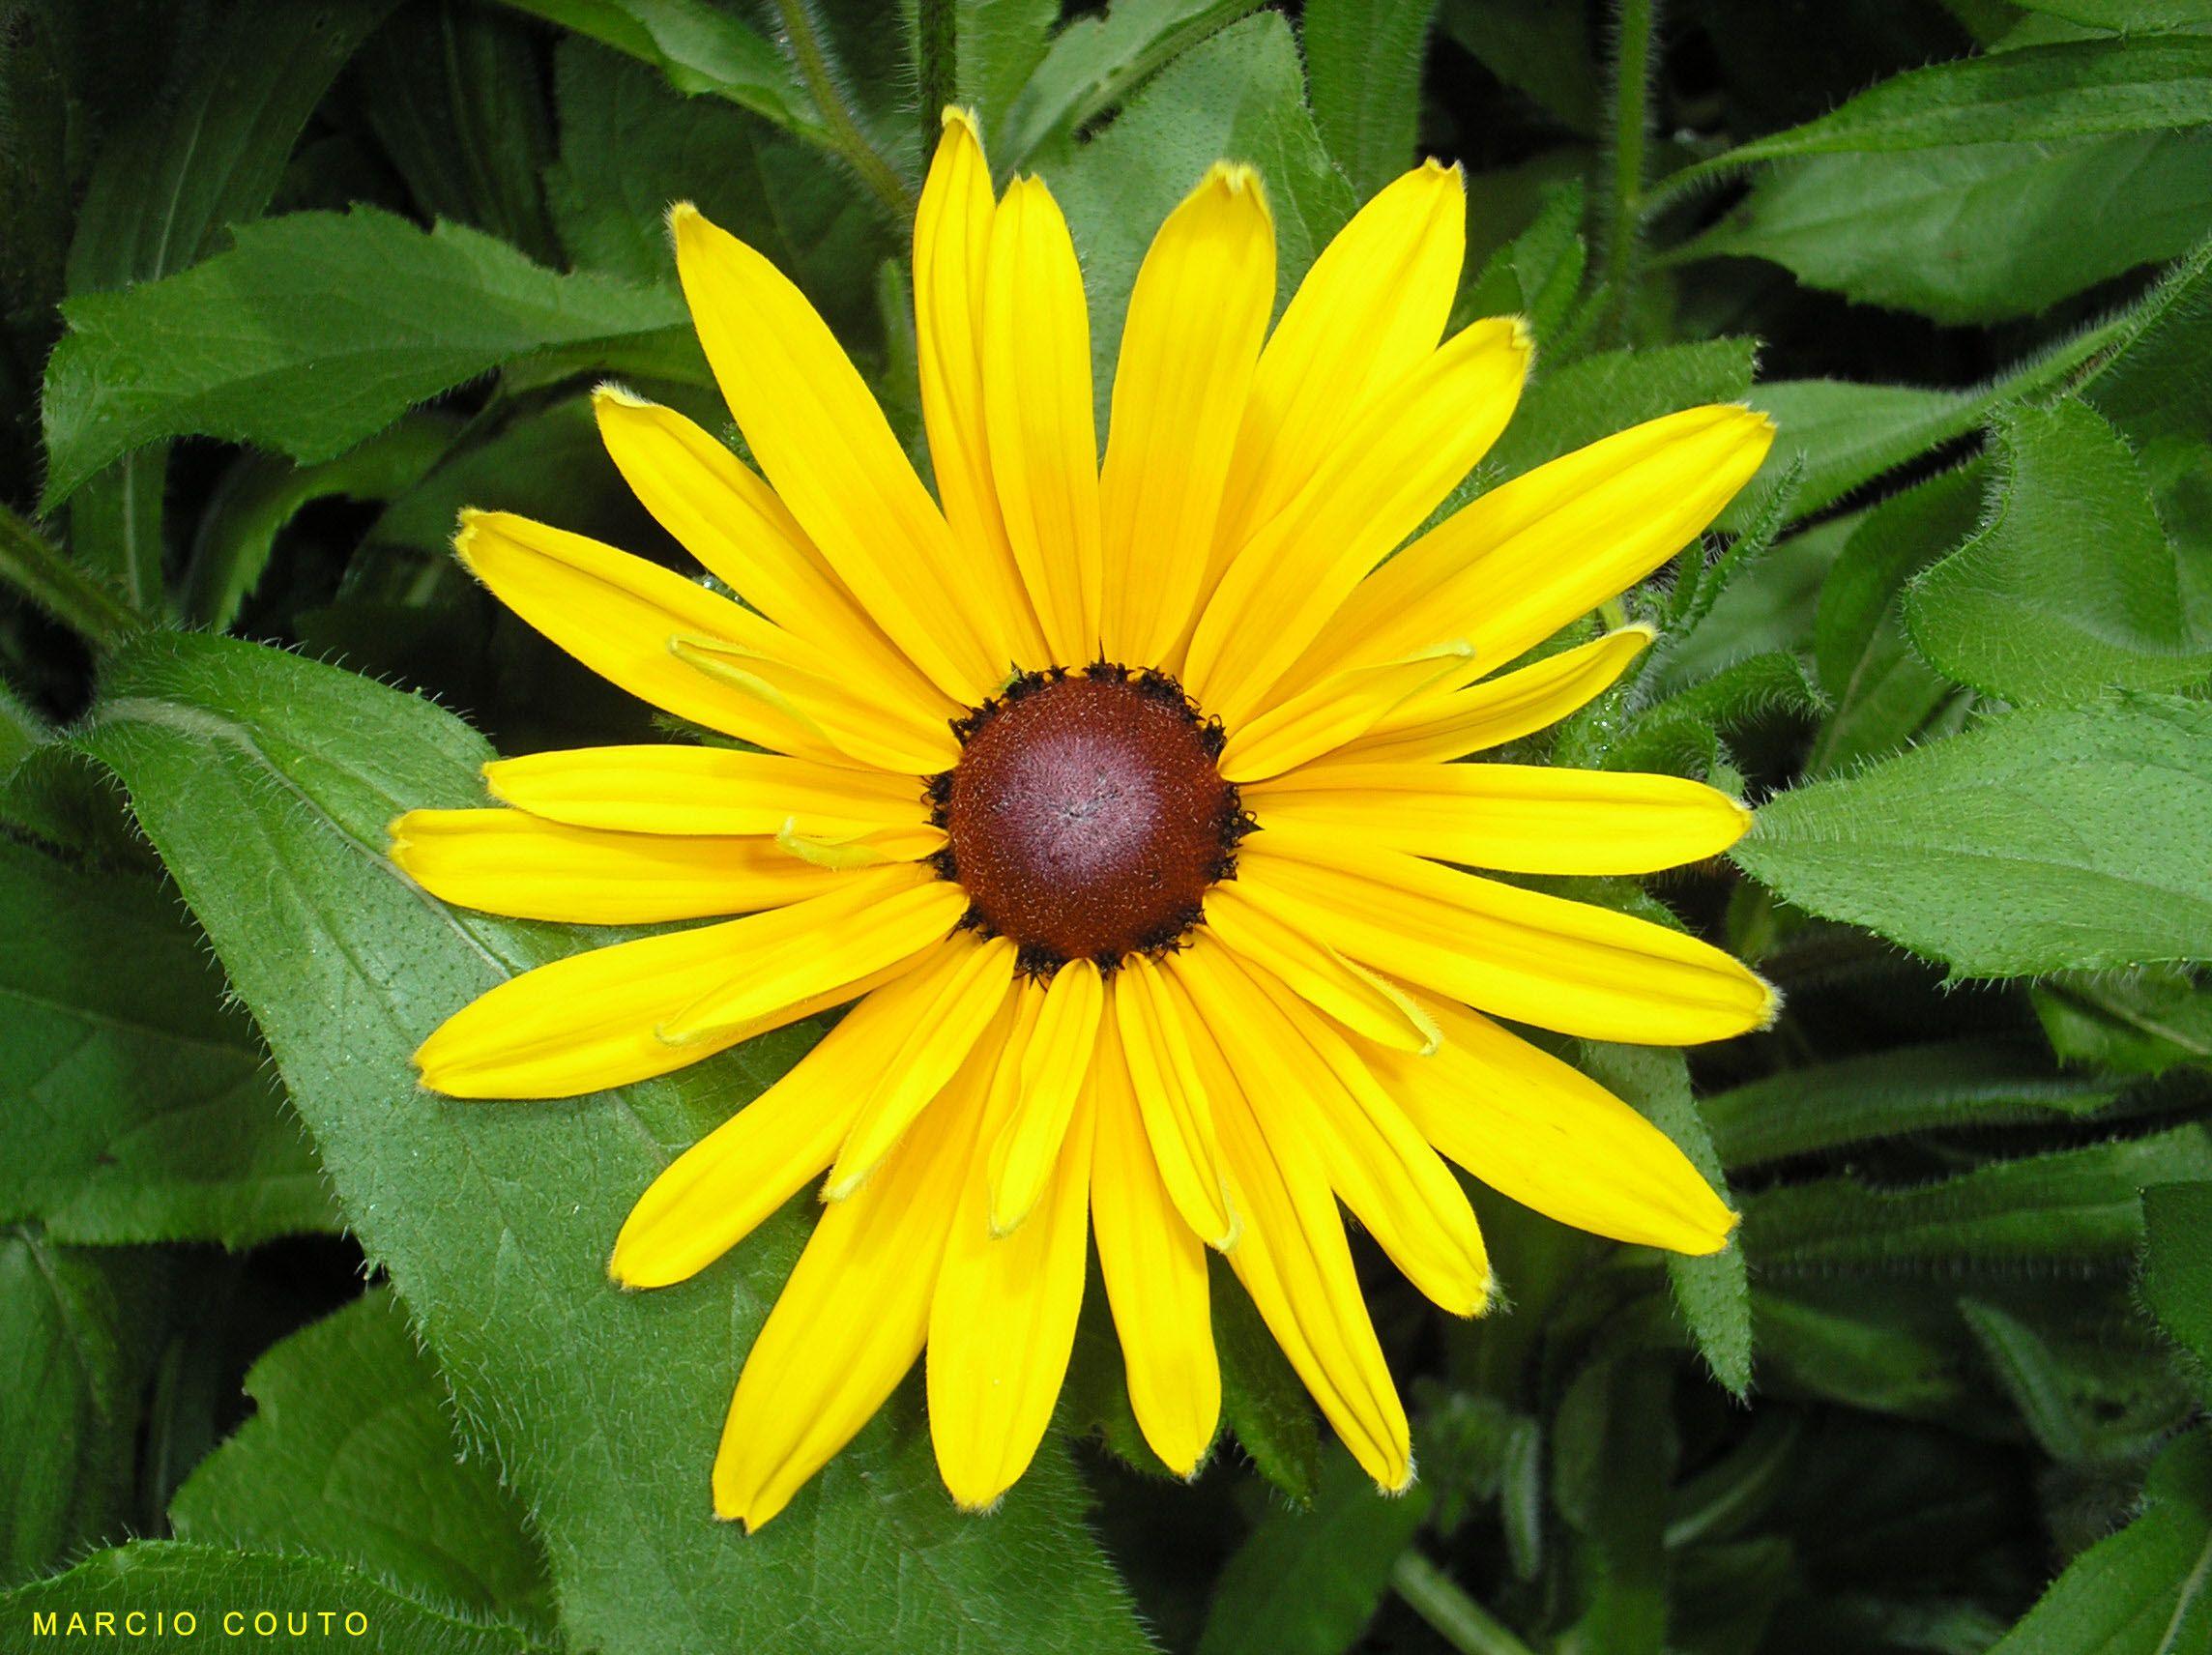 Flower avatars free free flowers green desktop wallpaper yellow flower avatars free free flowers green desktop wallpaper yellow flower uploaded by marcio mightylinksfo